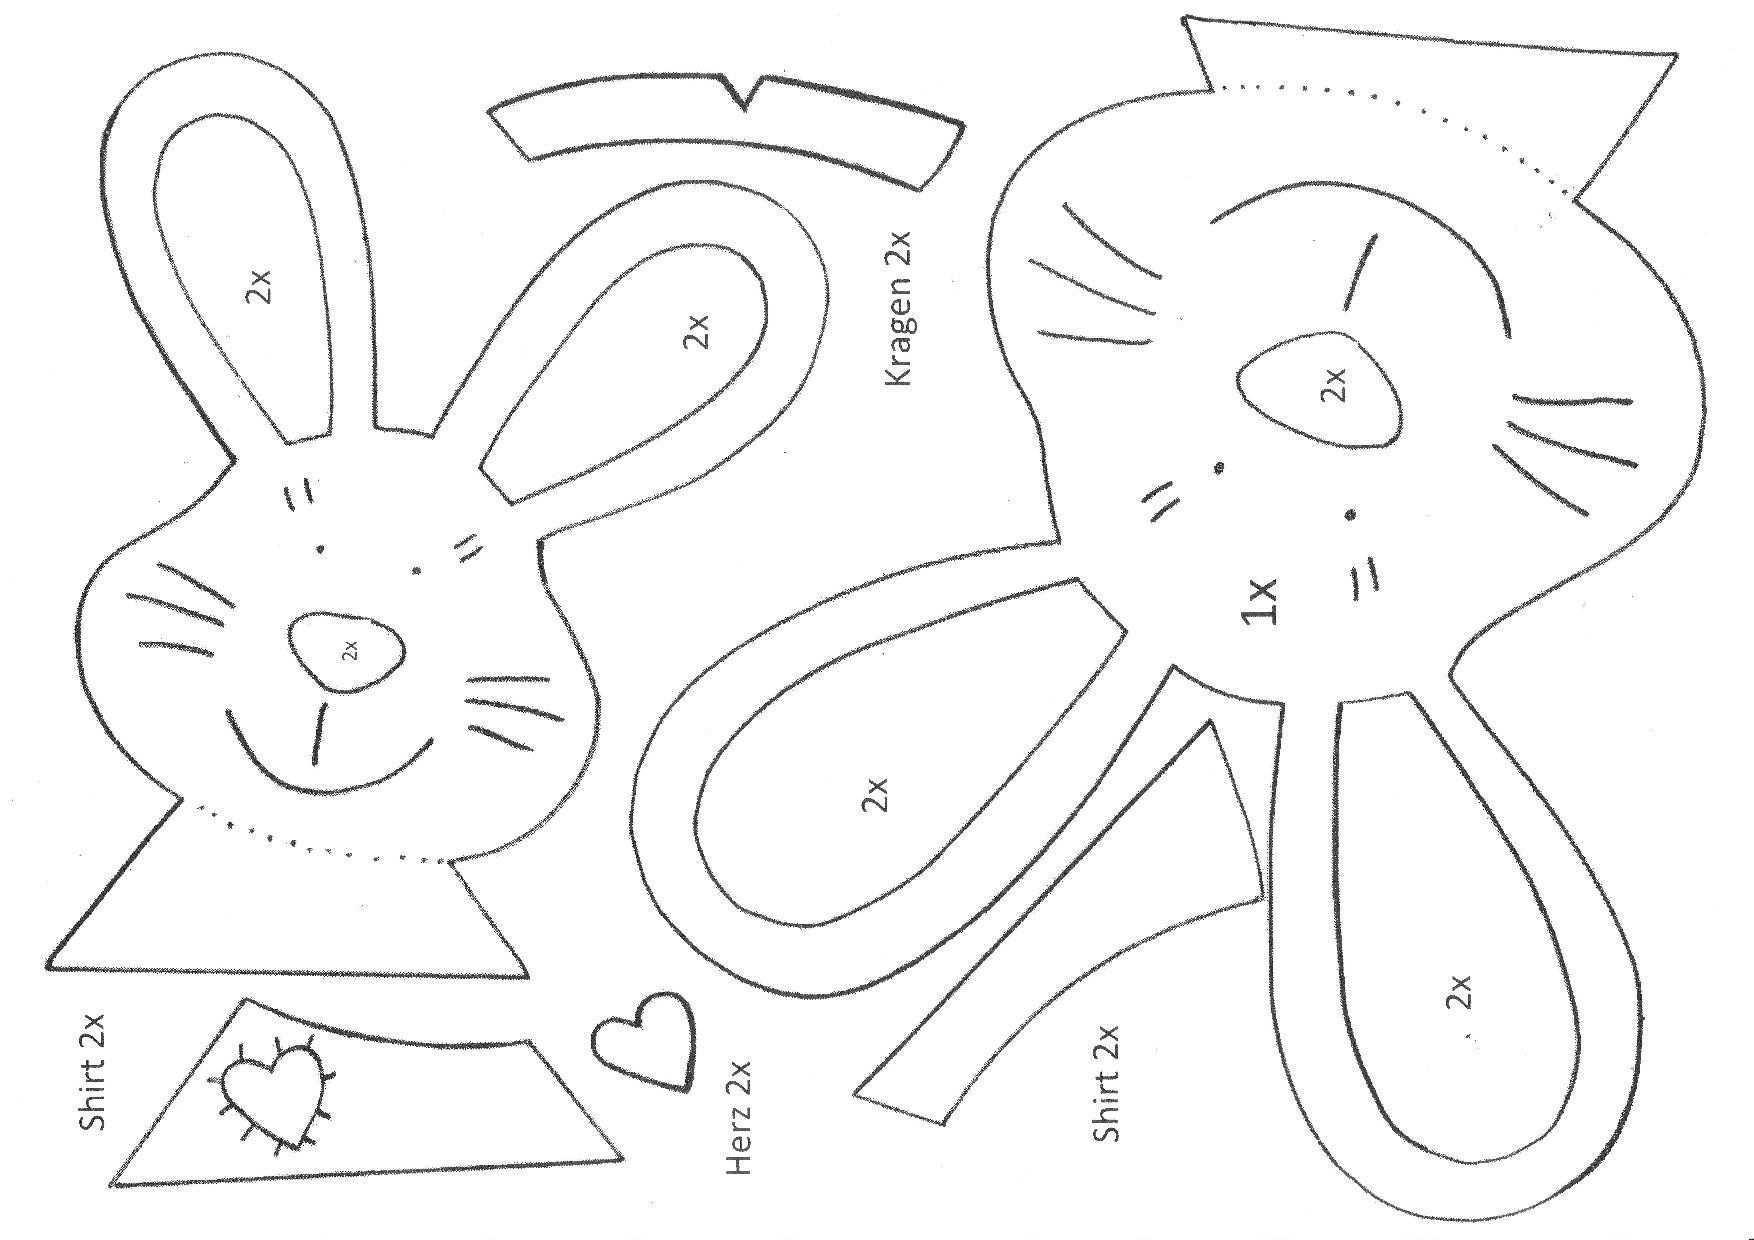 Basteln Zu Ostern Mit Dem Wohnbereichsmaskottchen Meine Erlebnisse Fur Fenste Osterhasen Bilder Zum Ausmalen Fensterbilder Vorlagen Osterhasen Basteln Kinder